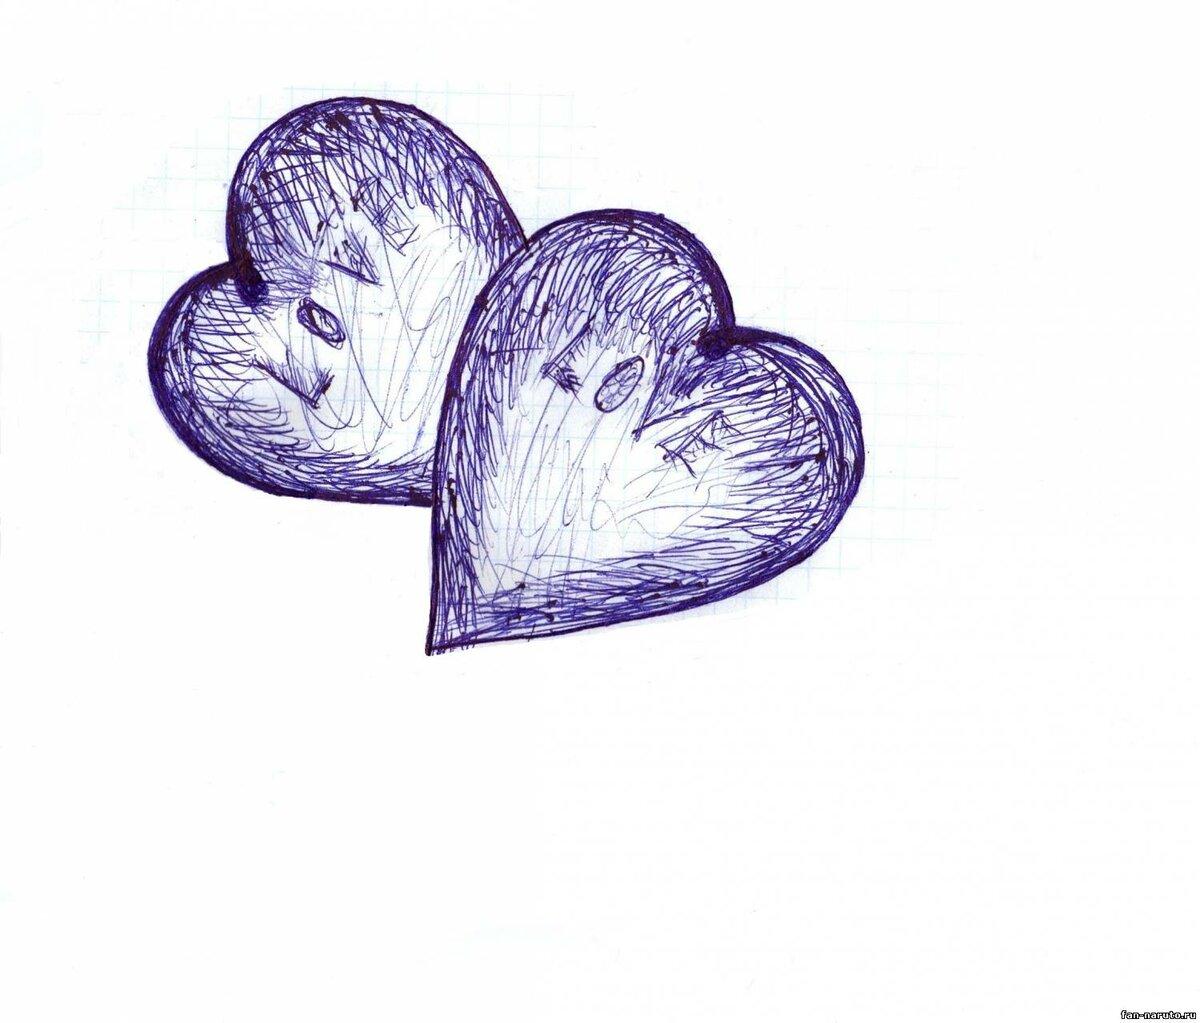 восторге уже картинки которые можно срисовать сердце сушка